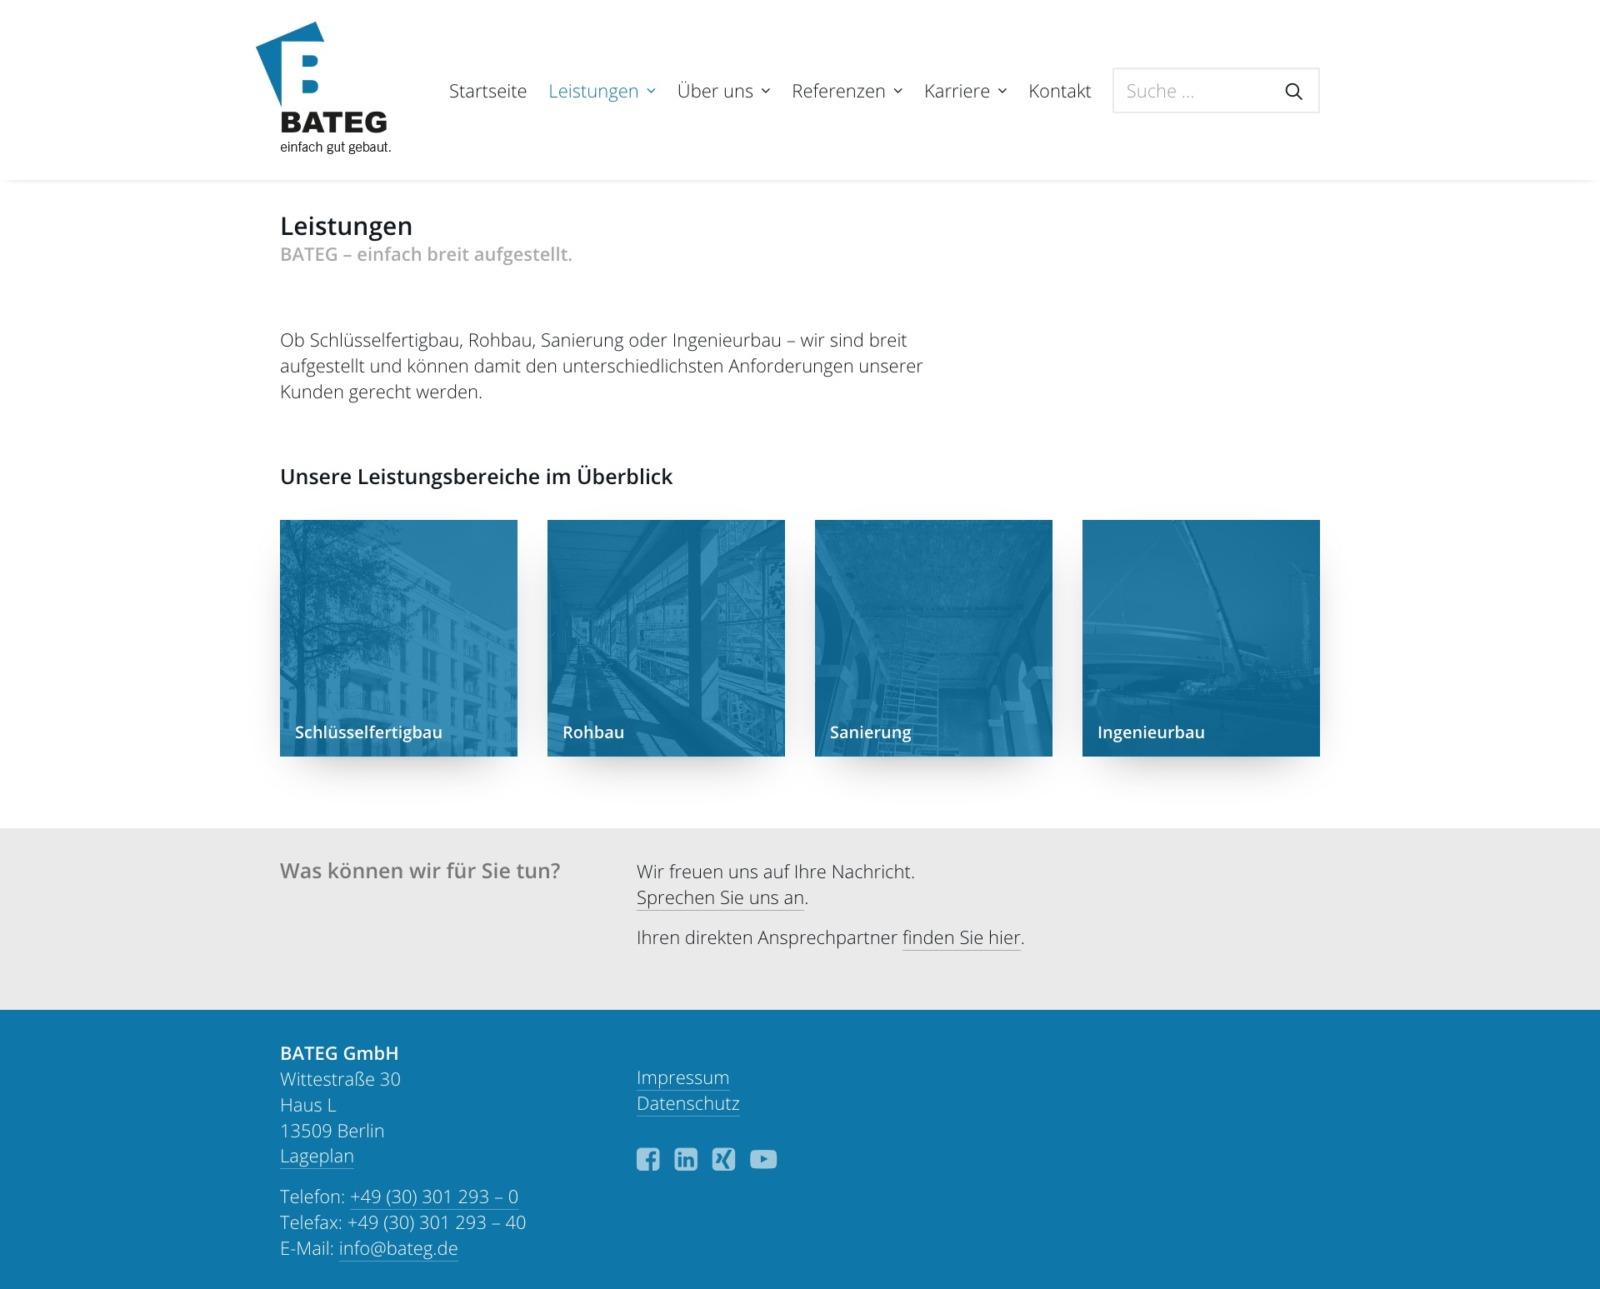 Die Leistungsbereiche des Bauunternehmens werden im Überblick sowie auf ausführlichen Unterseiten präsentiert (Screenshot: Eric Sturm)